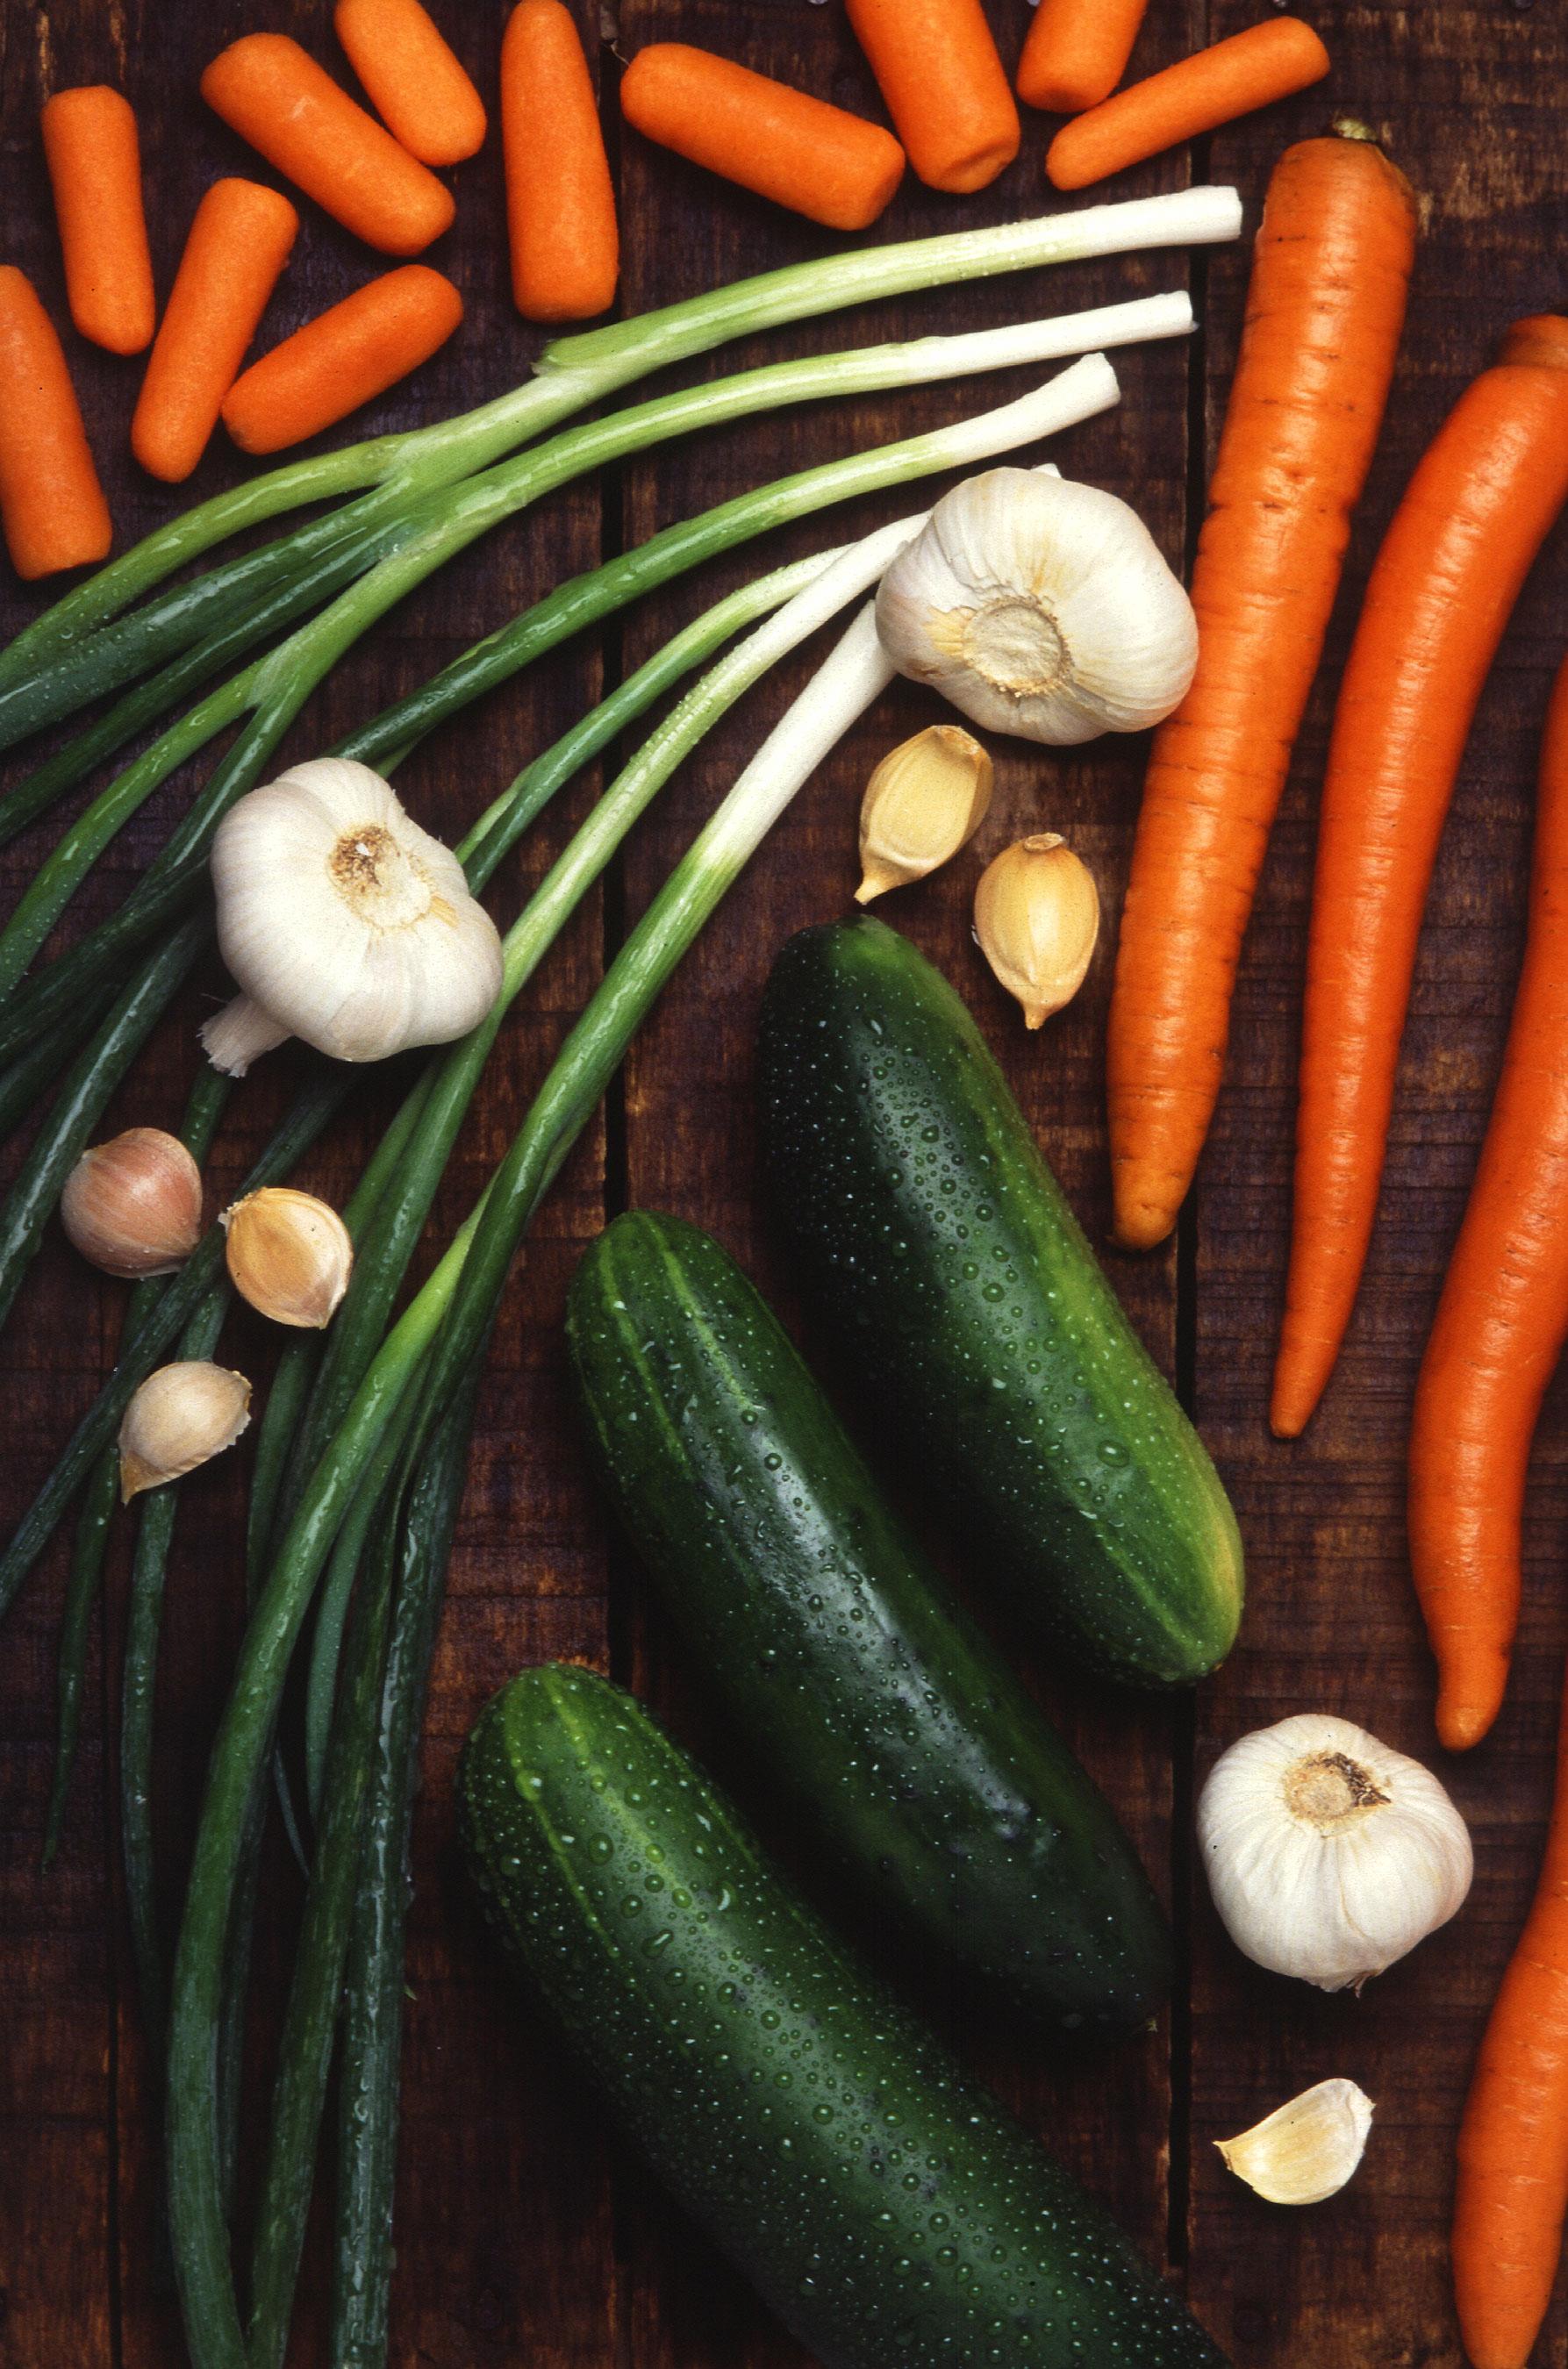 Lista de verduras hortalizas y legumbres